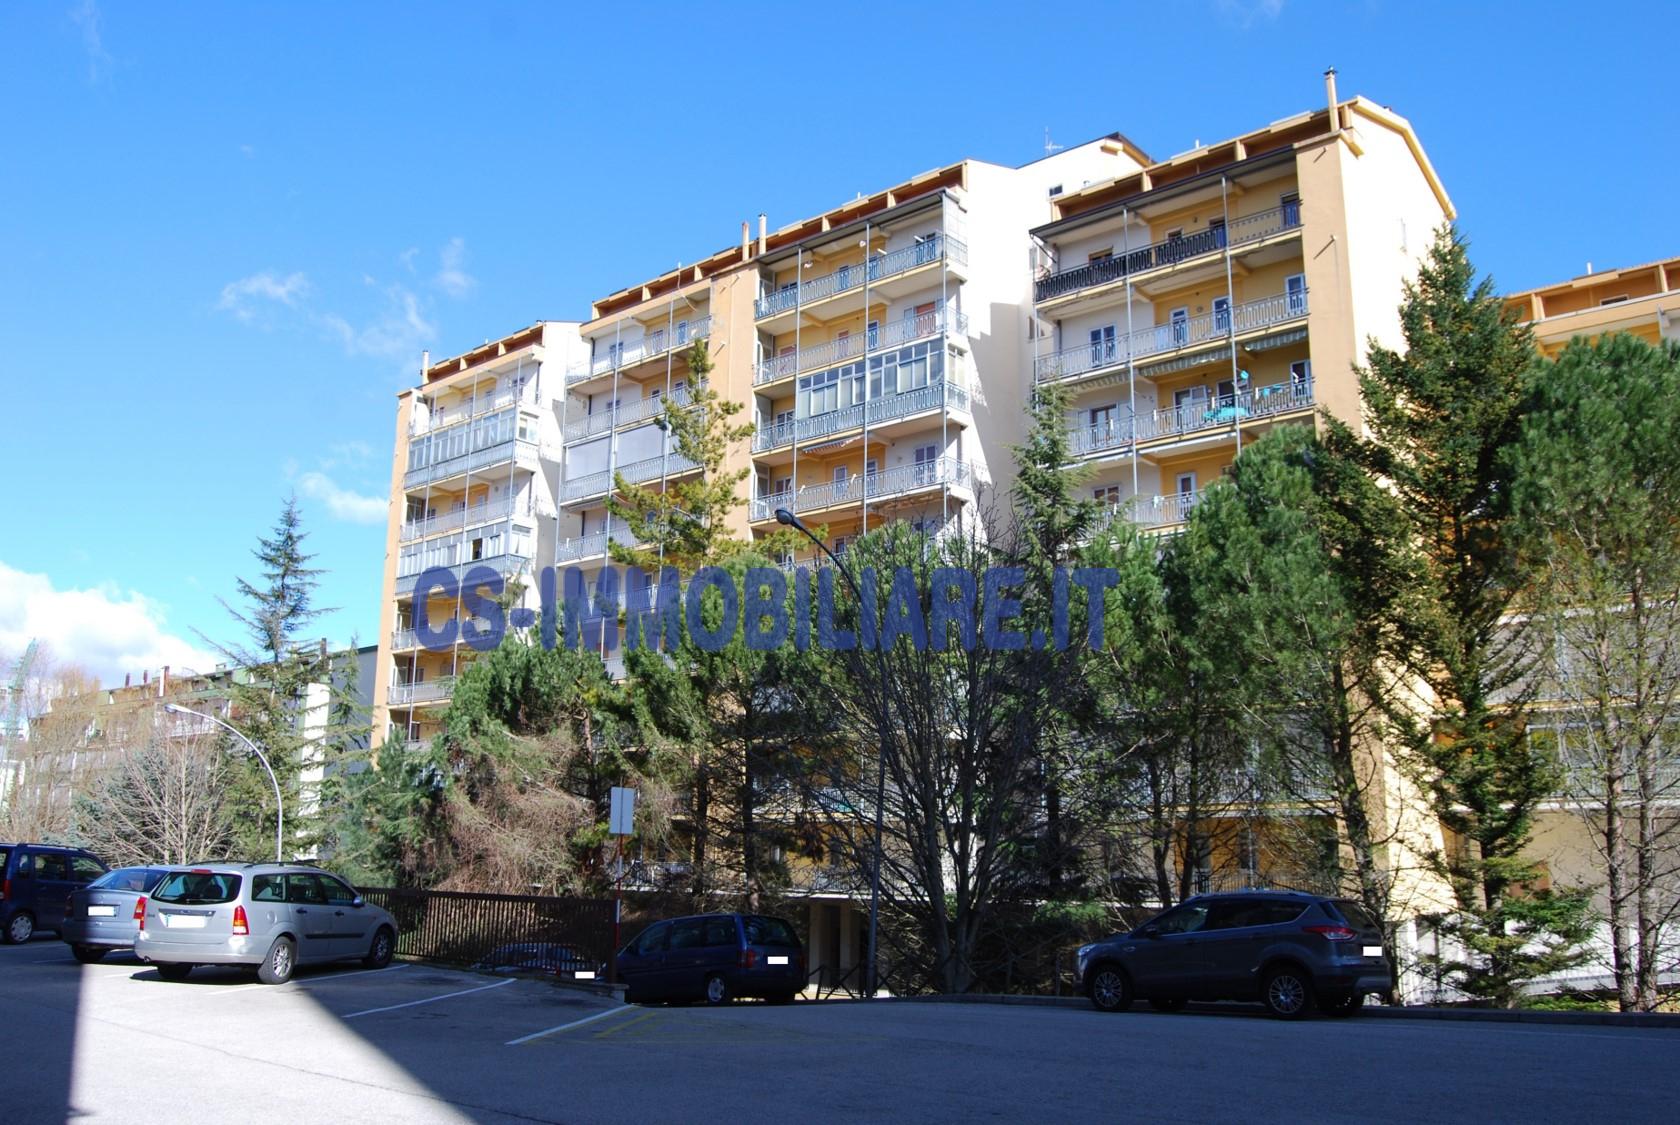 Appartamento in affitto a Potenza, 5 locali, zona Località: PoggioTreGalli, prezzo € 450 | CambioCasa.it